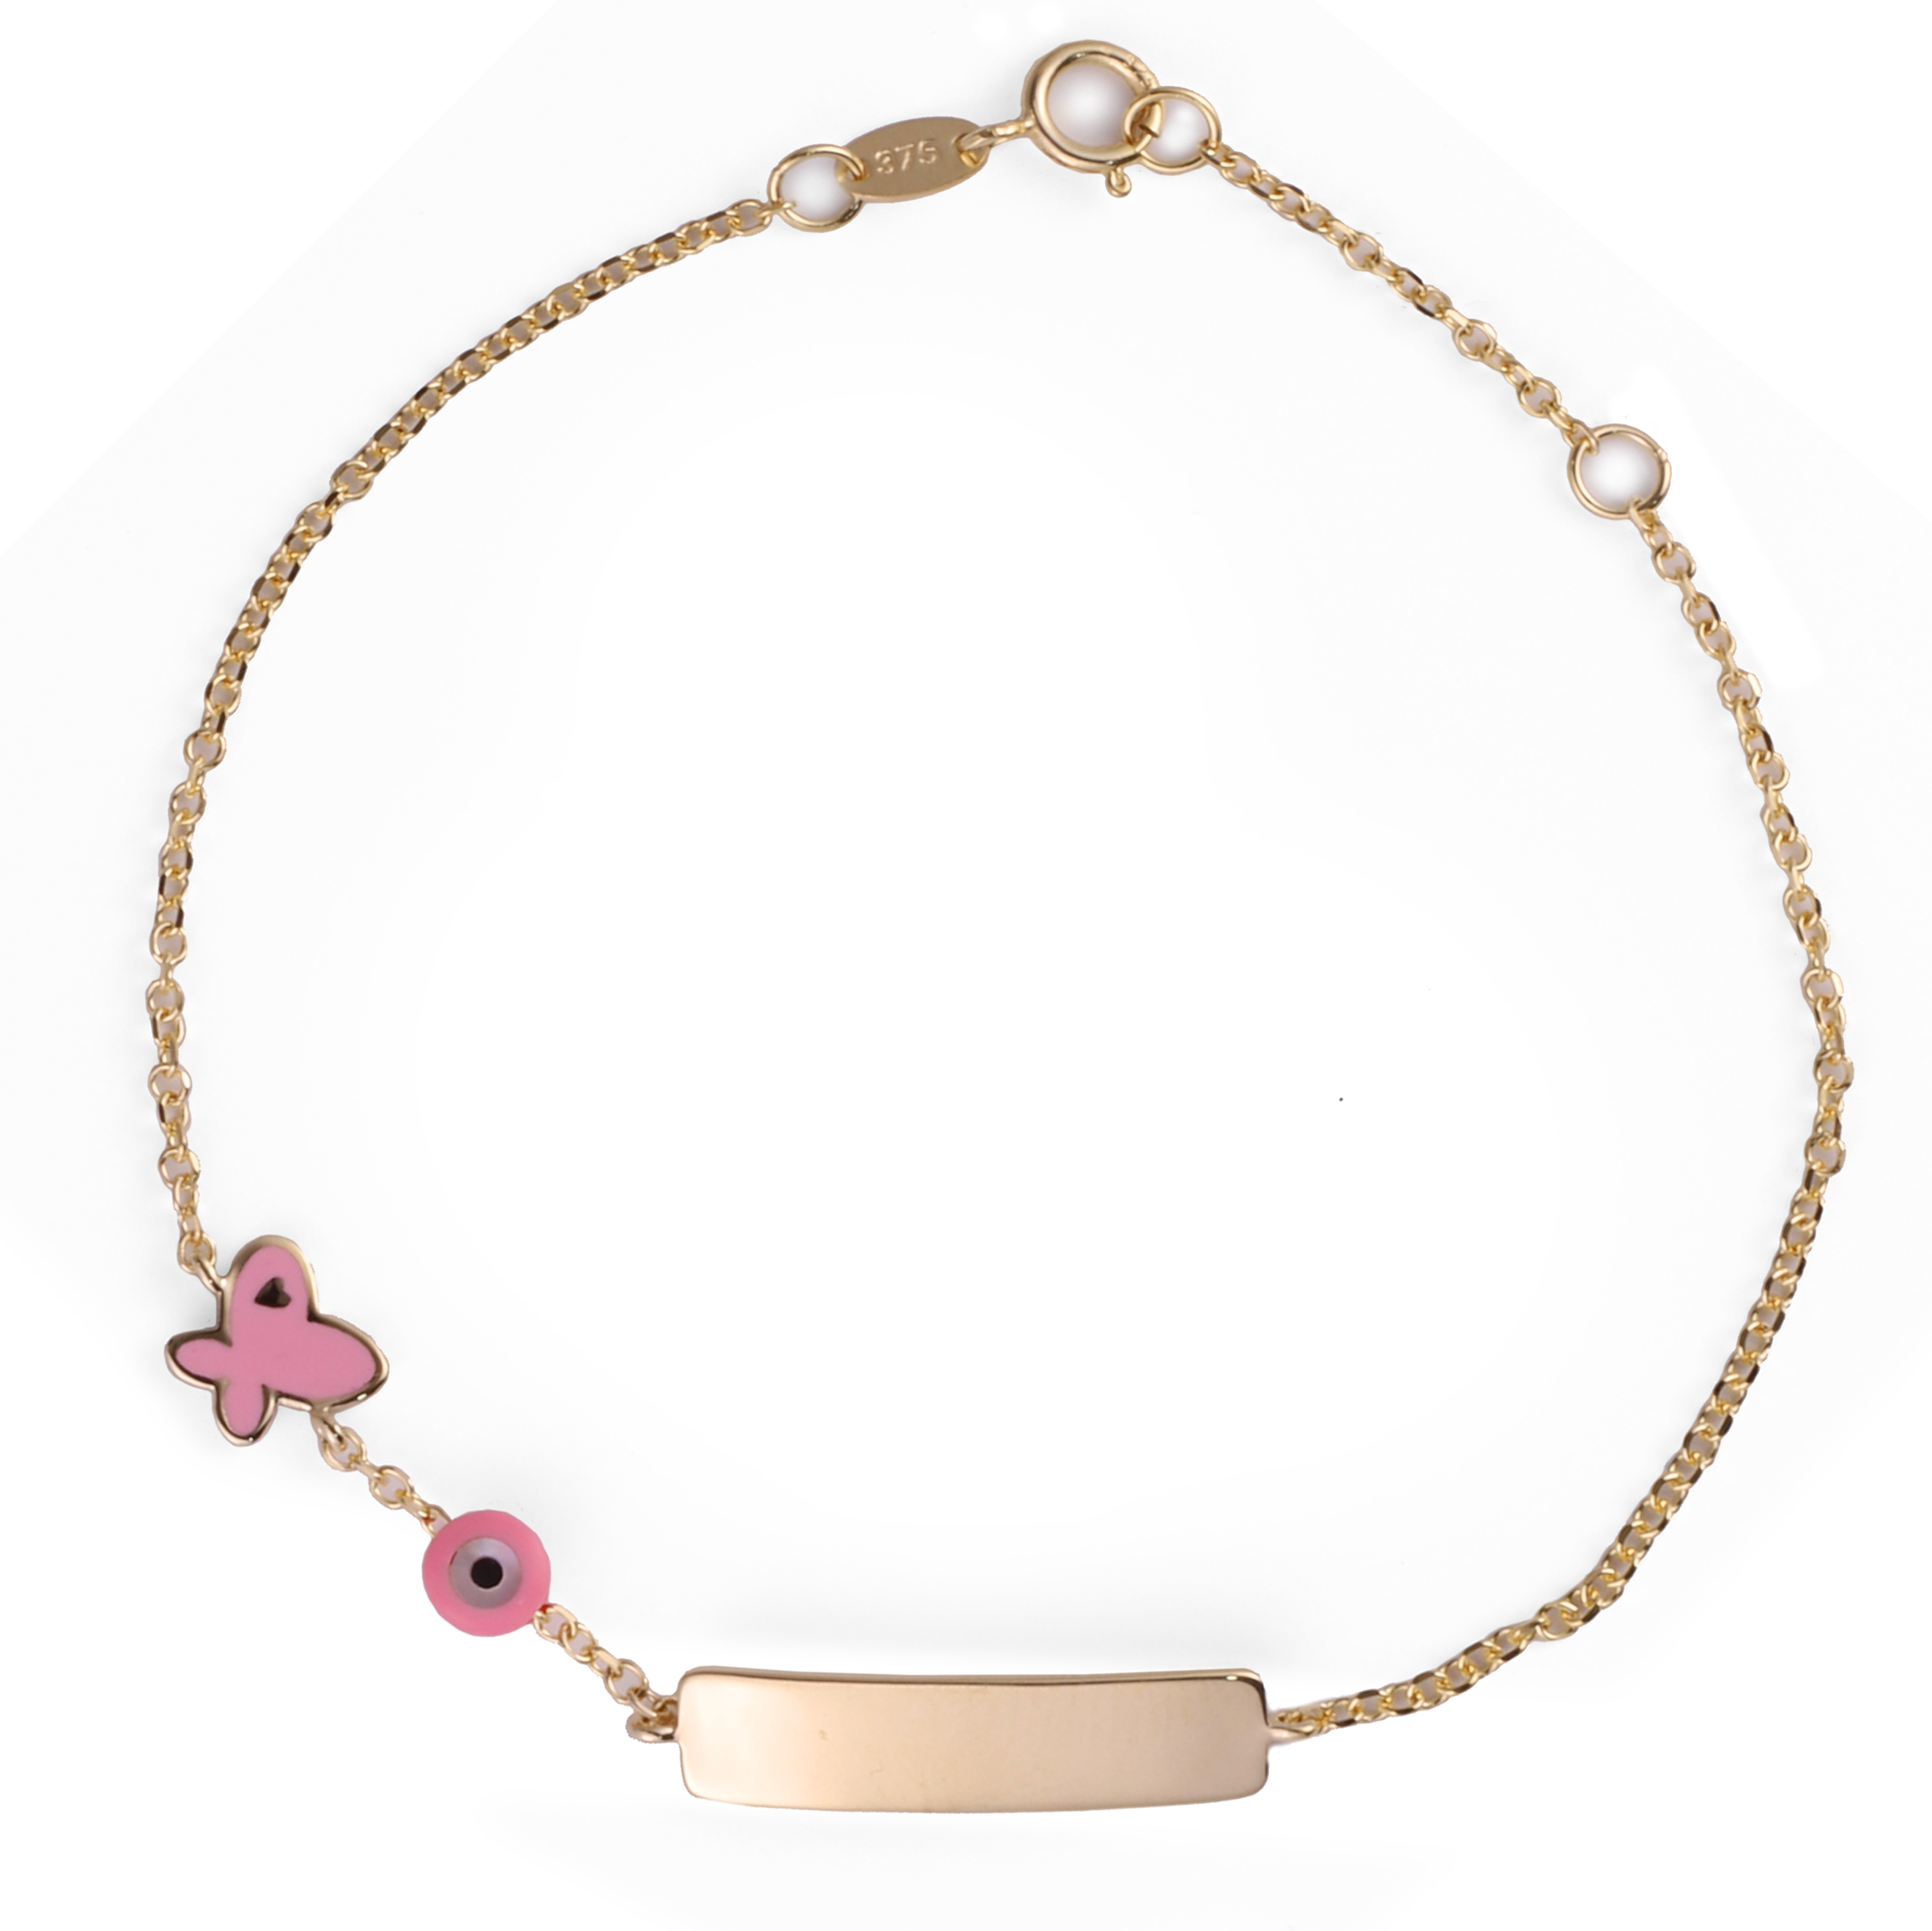 Παιδική Ταυτότητα με Πεταλόυδα Ροζ Σμάλτο Χρυσός Κ9 - 16072